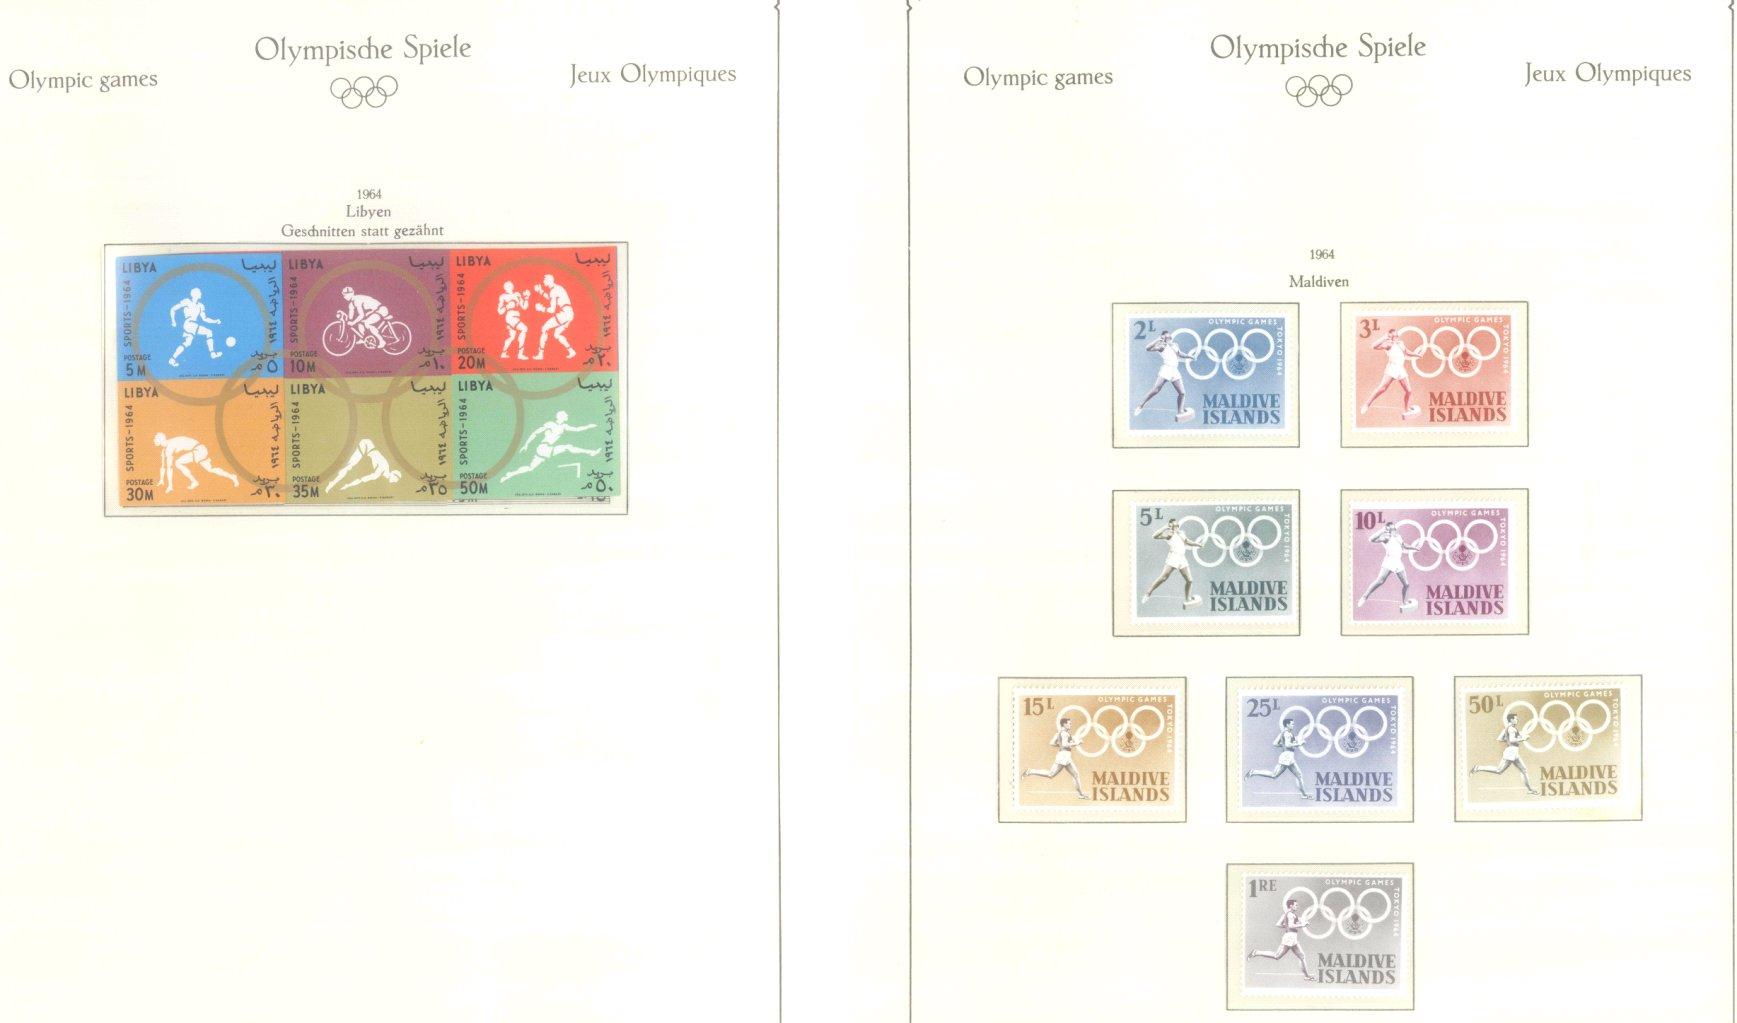 OLYMPISCHE SPIELE 1964 TOKIO, postfrische Sammlung Teil 1-44